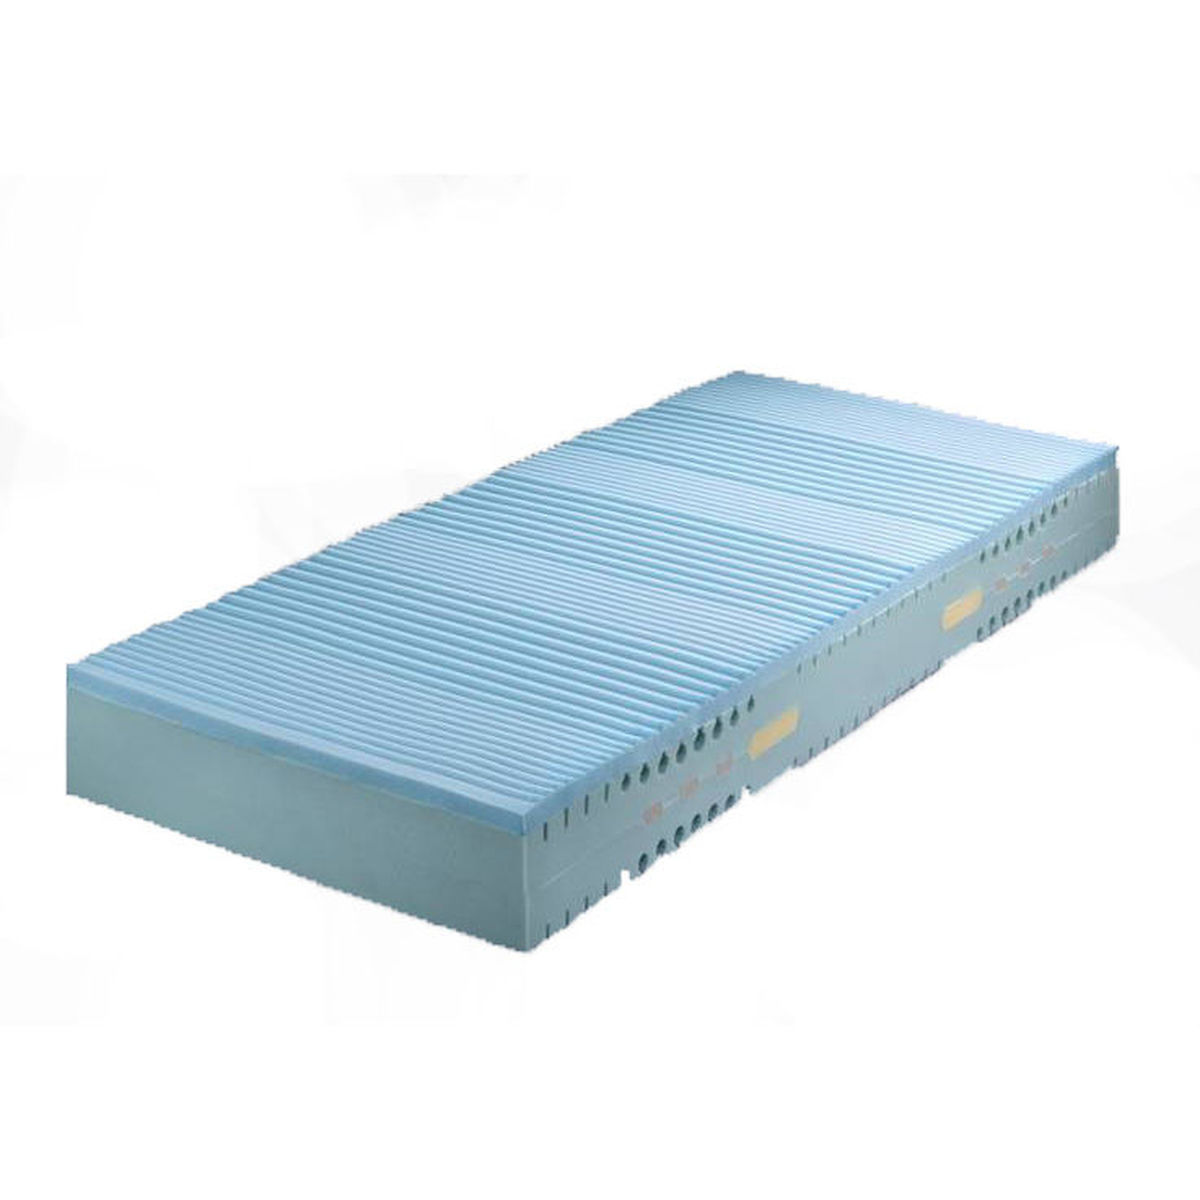 hemafa smaragd 23 watergel kaltschaum matratze von karstadt ansehen. Black Bedroom Furniture Sets. Home Design Ideas